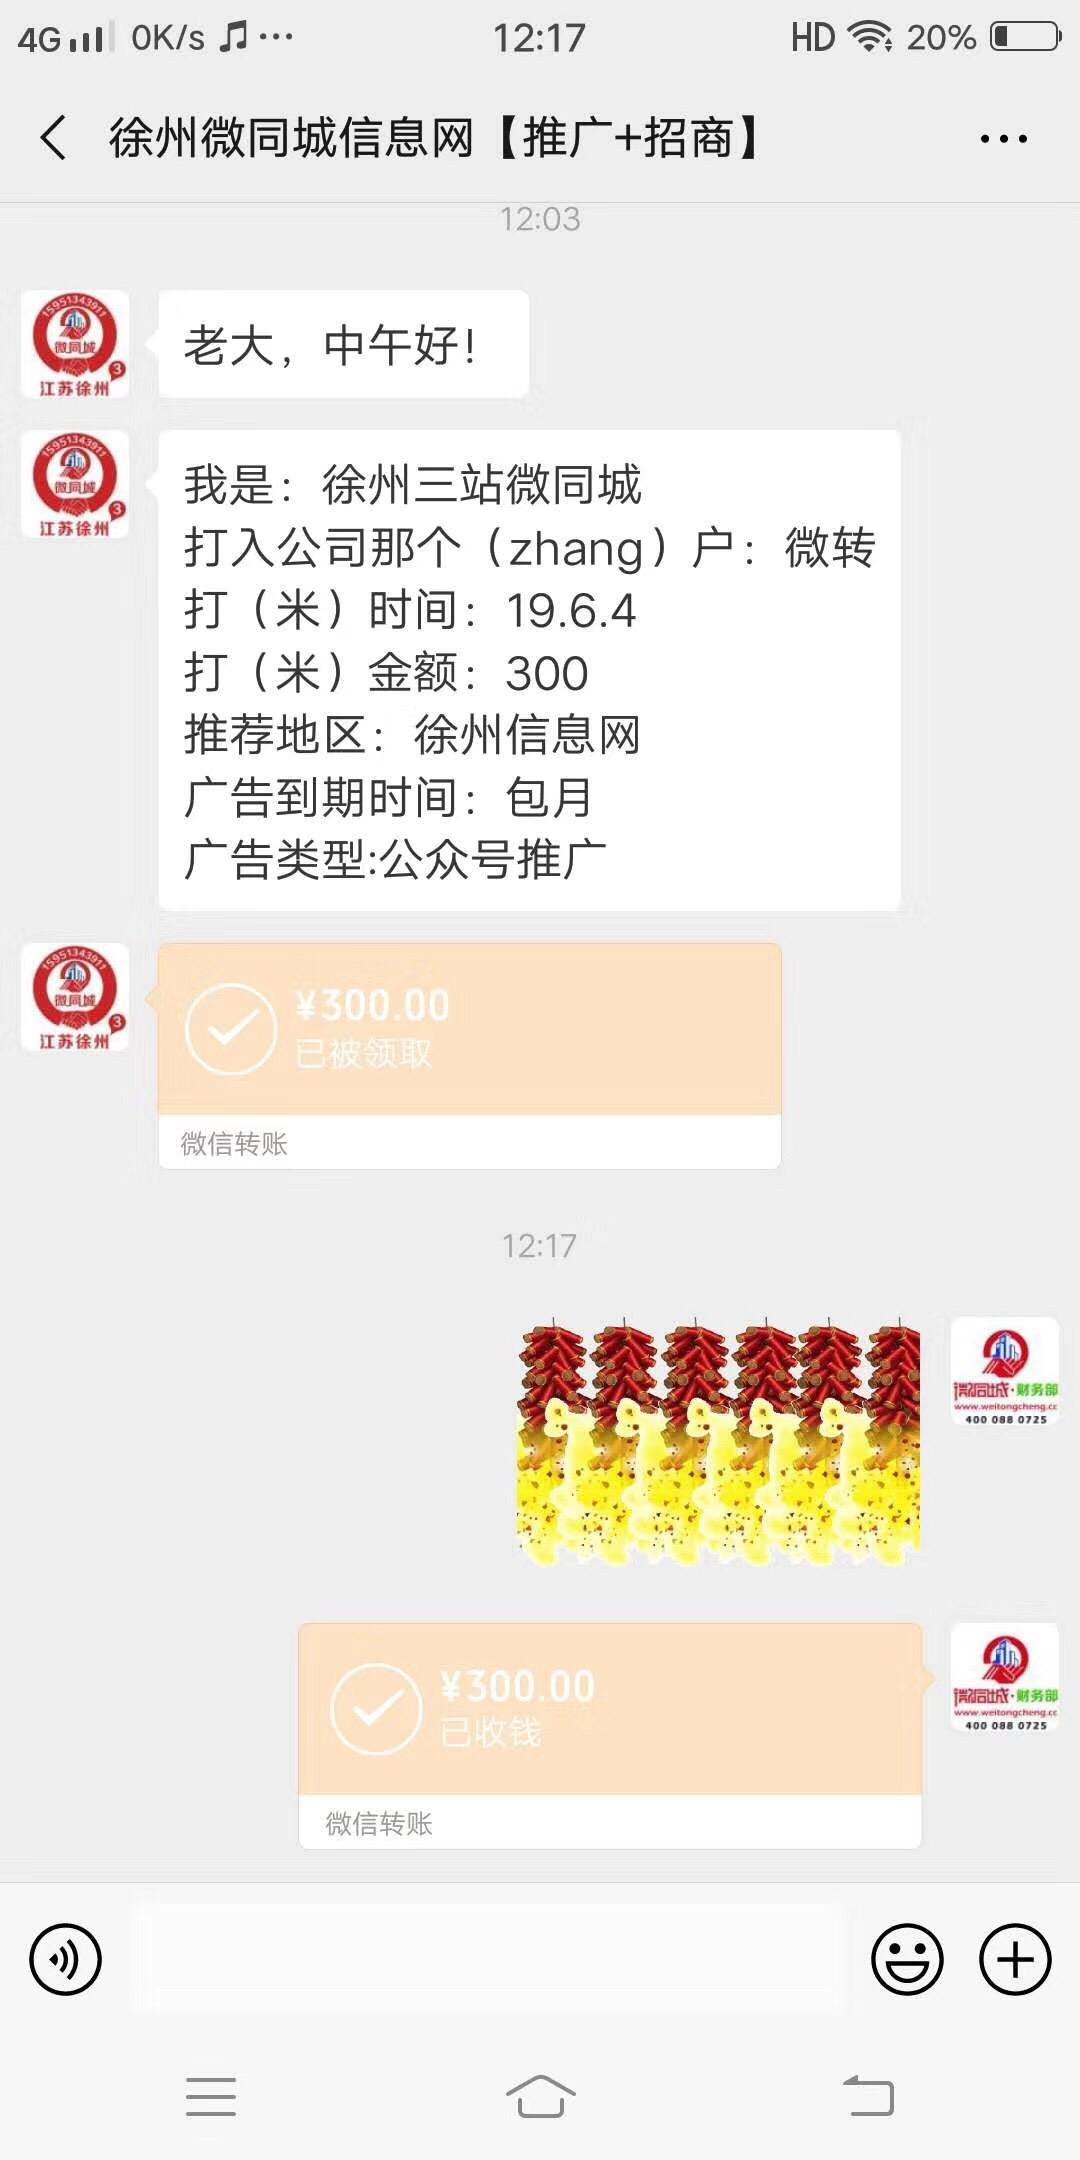 【公众号推广】祝贺徐州微全城微帮三站